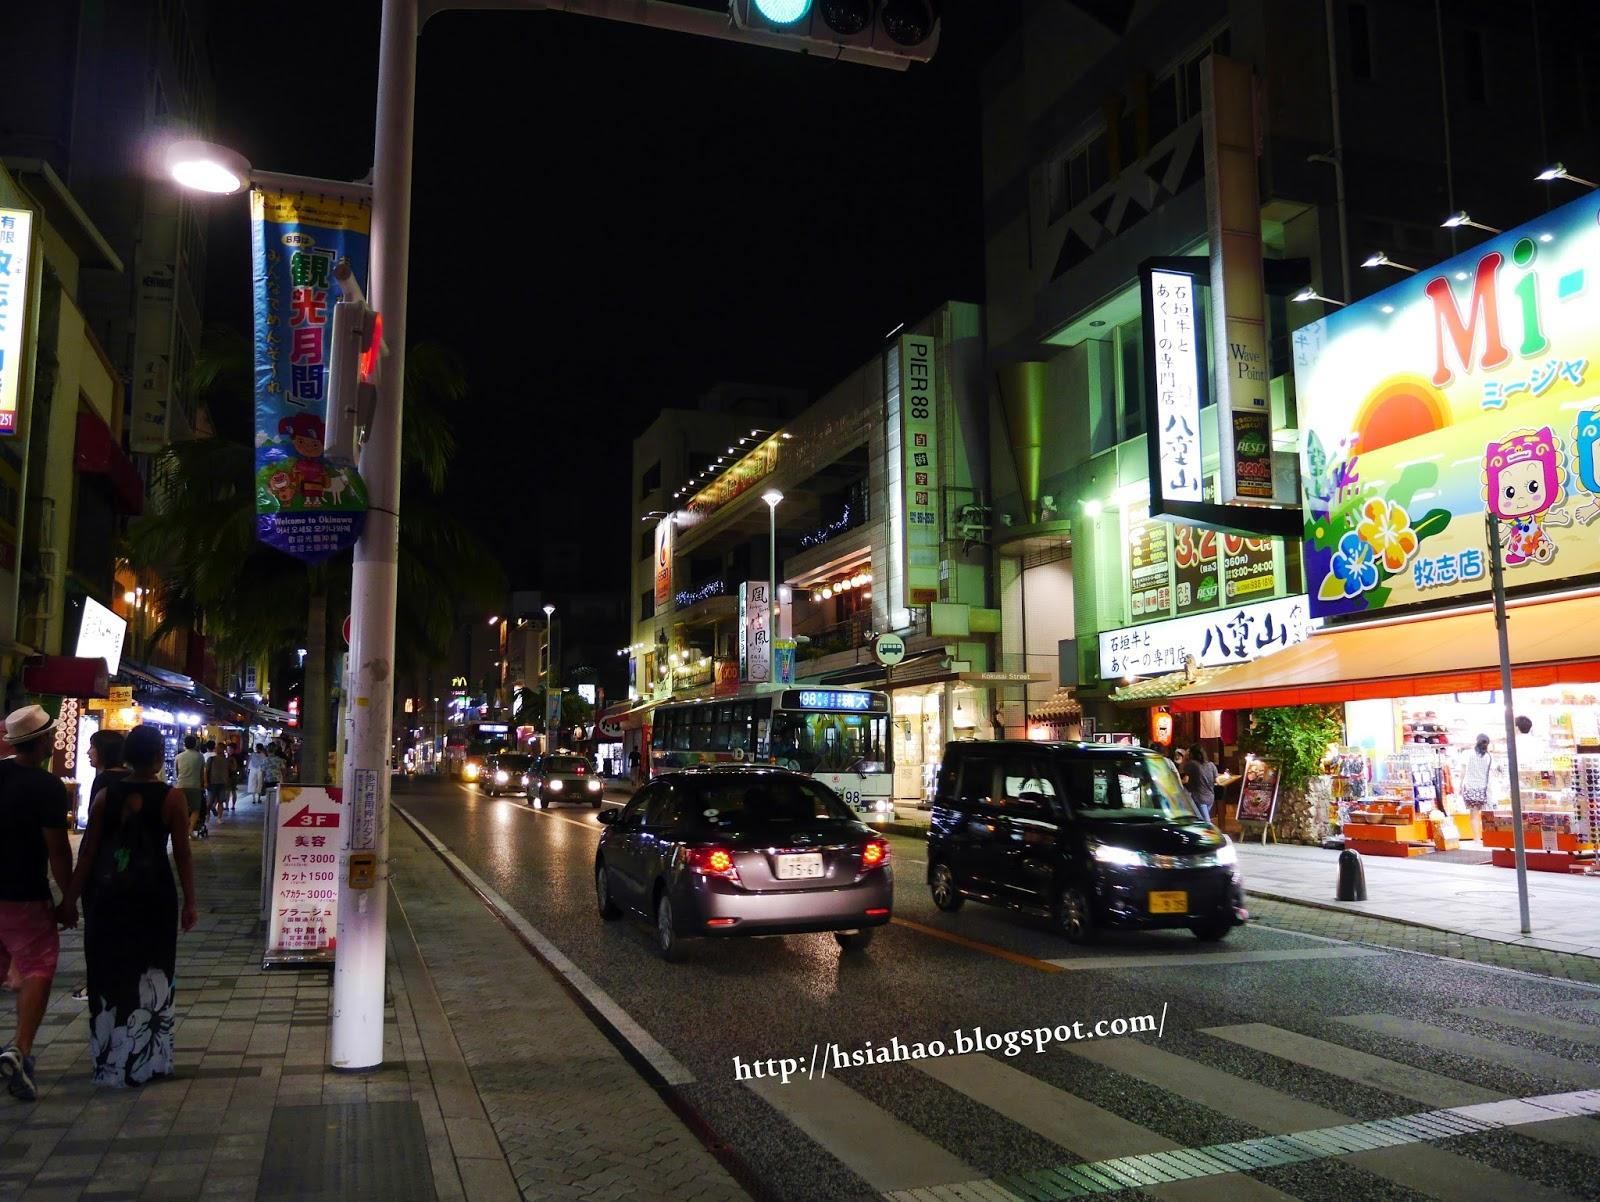 沖繩-國際通-夜晚-商店-購物-逛街-景點-自由行-Okinawa-kokusaidori